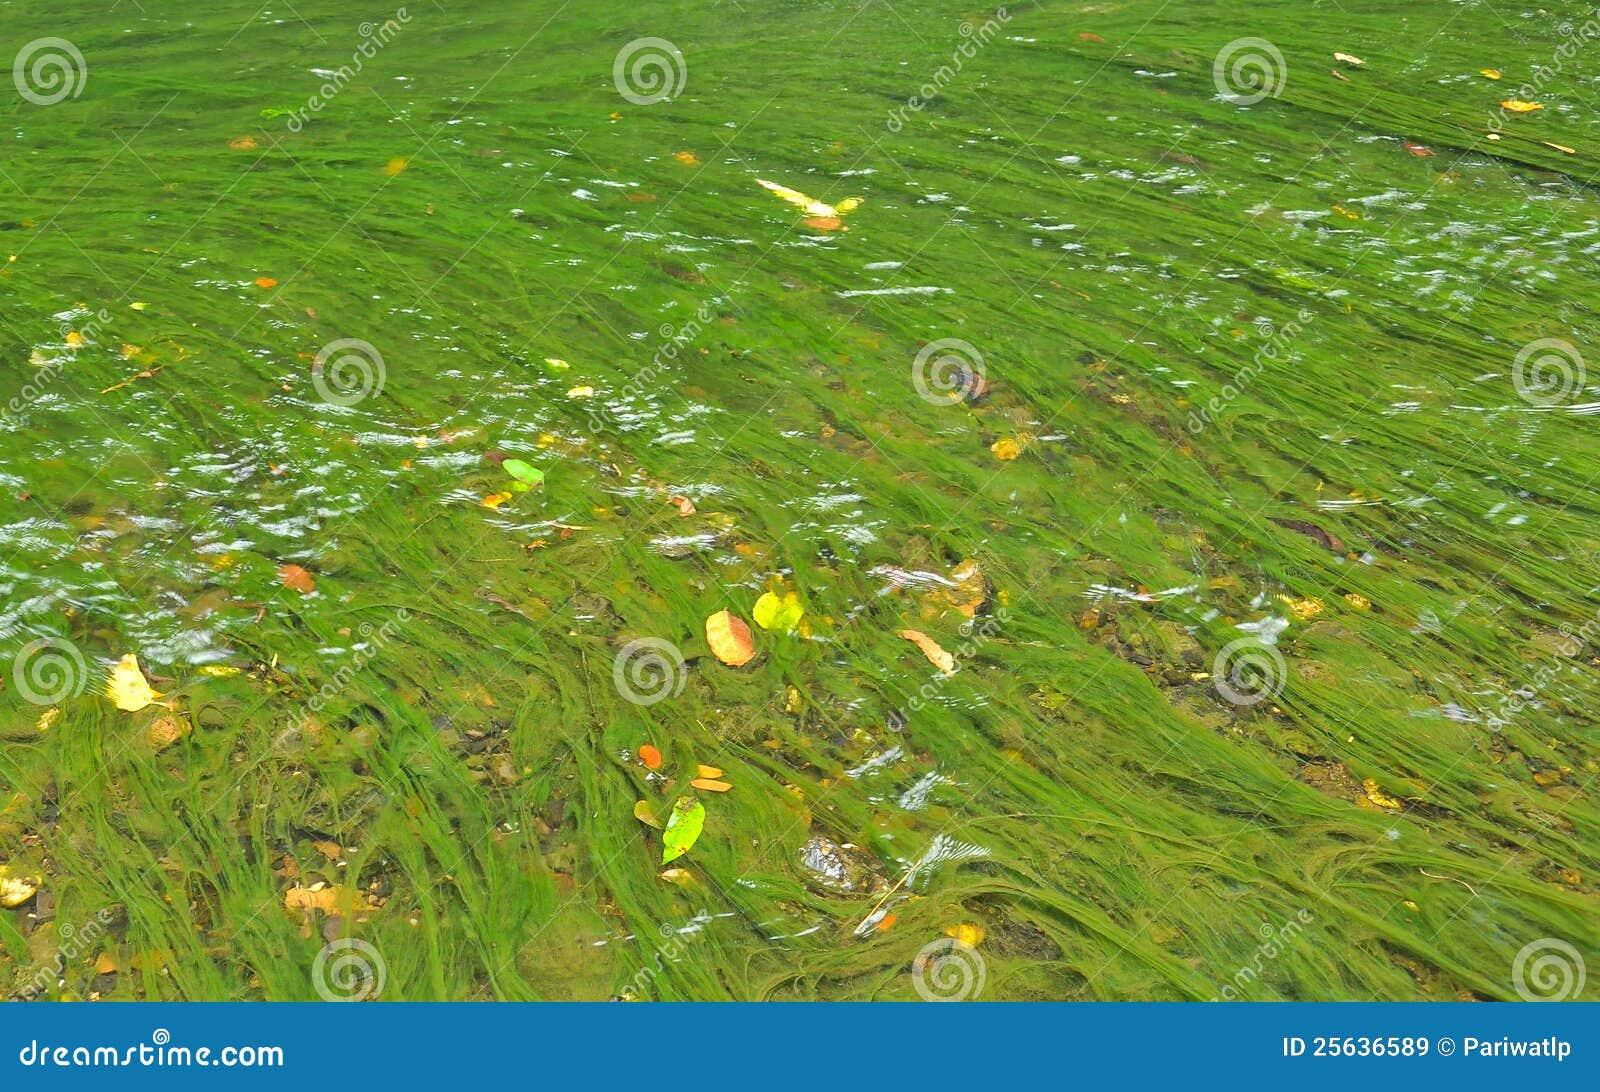 algen im wasser stockbild bild von nave fall exoticism 25636589. Black Bedroom Furniture Sets. Home Design Ideas